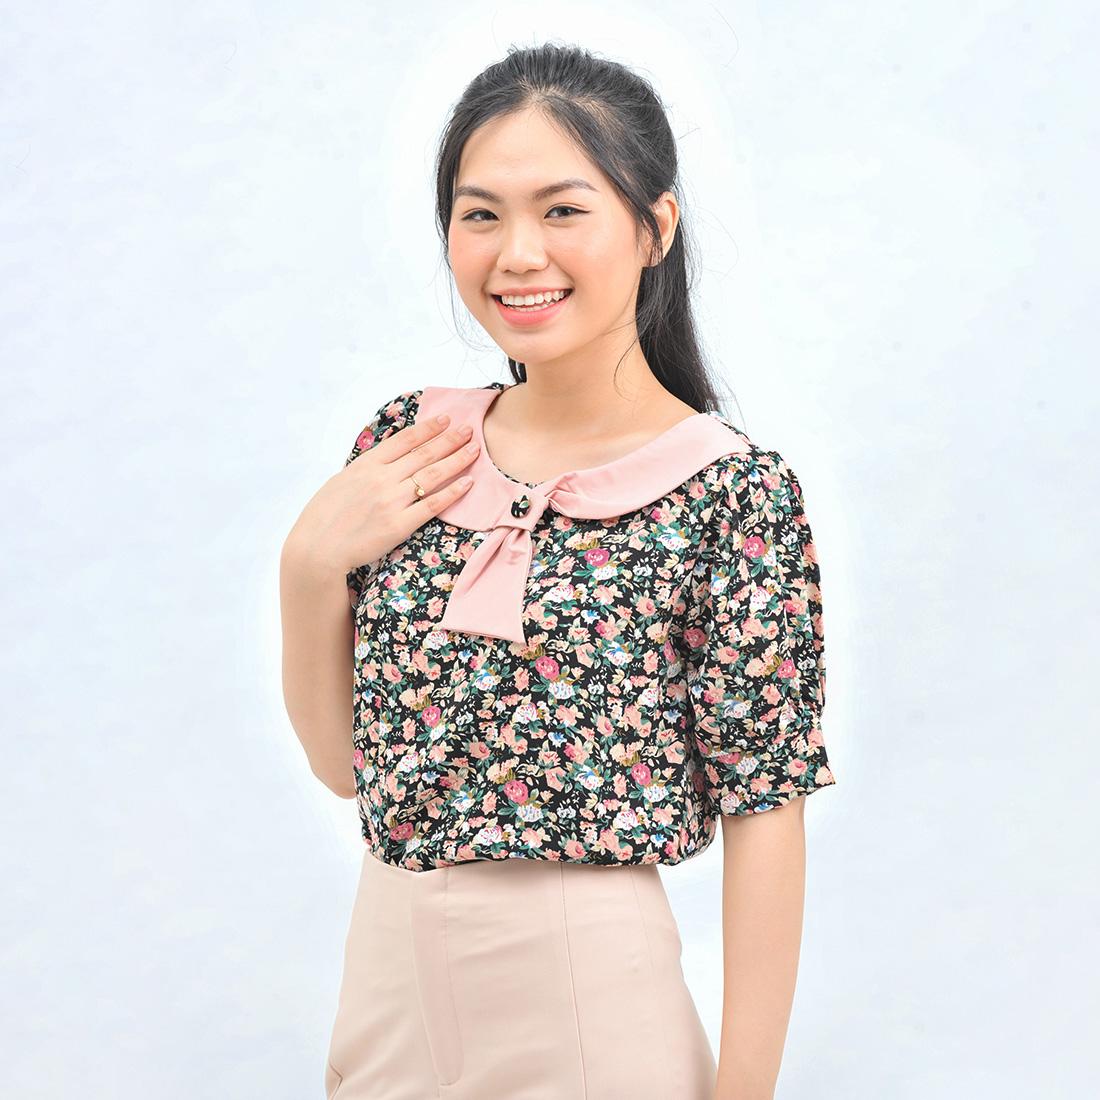 Áo kiểu nữ thời trang Eden họa tiết hoa dáng suông cổ tròn phối nơ – ASM107